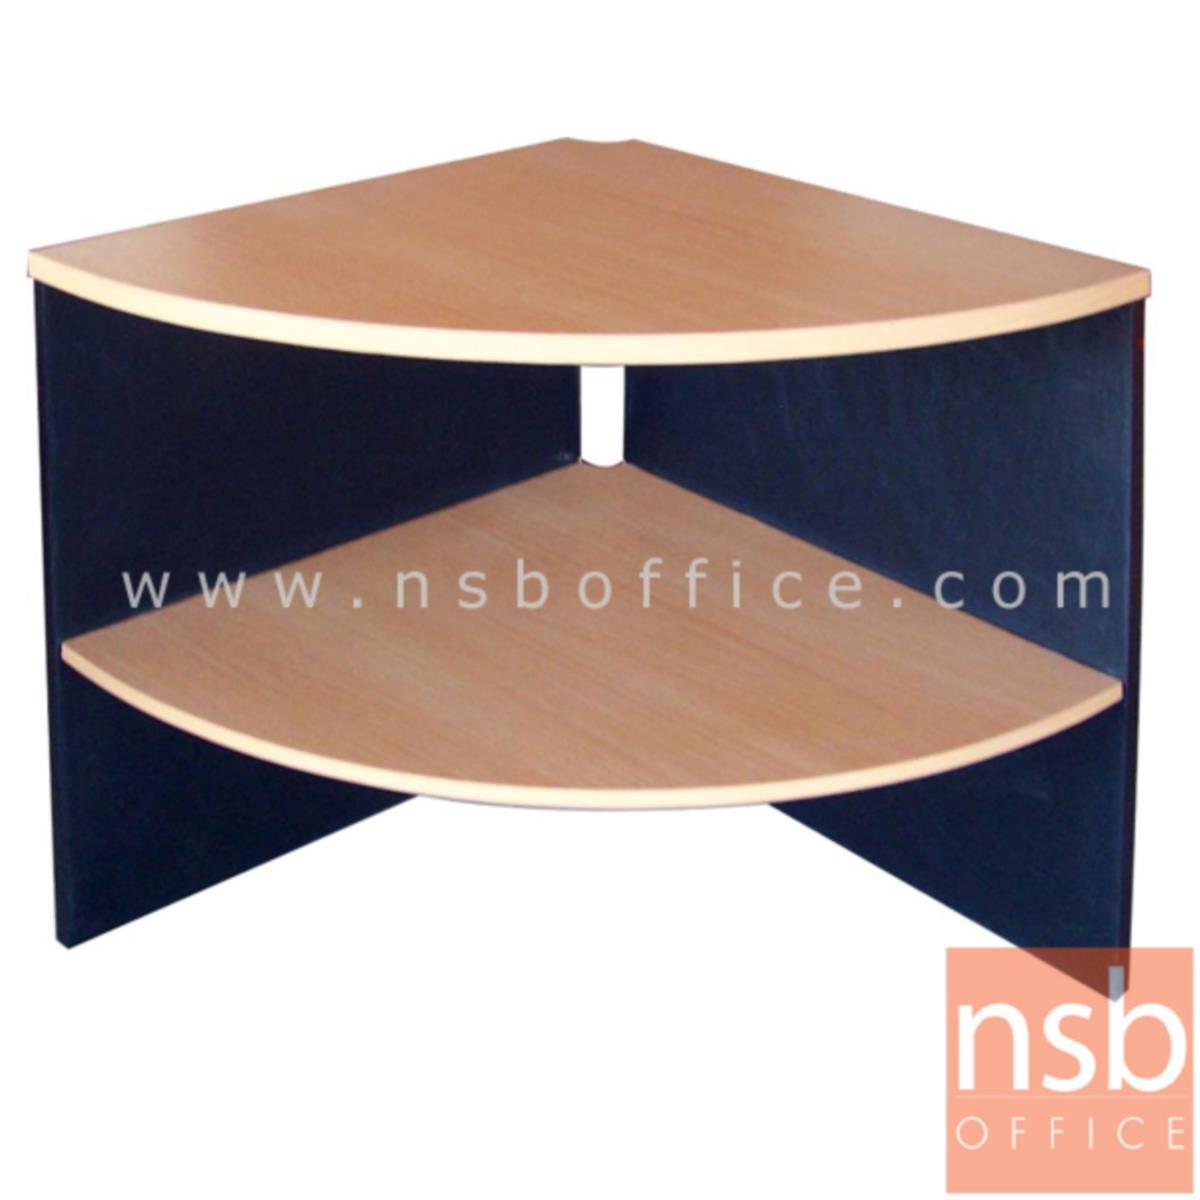 โต๊ะเข้ามุม 2 ชั้น รุ่น Linkin (ลิงคิน) รัศมี R60 ,R75 cm.  เมลามีน